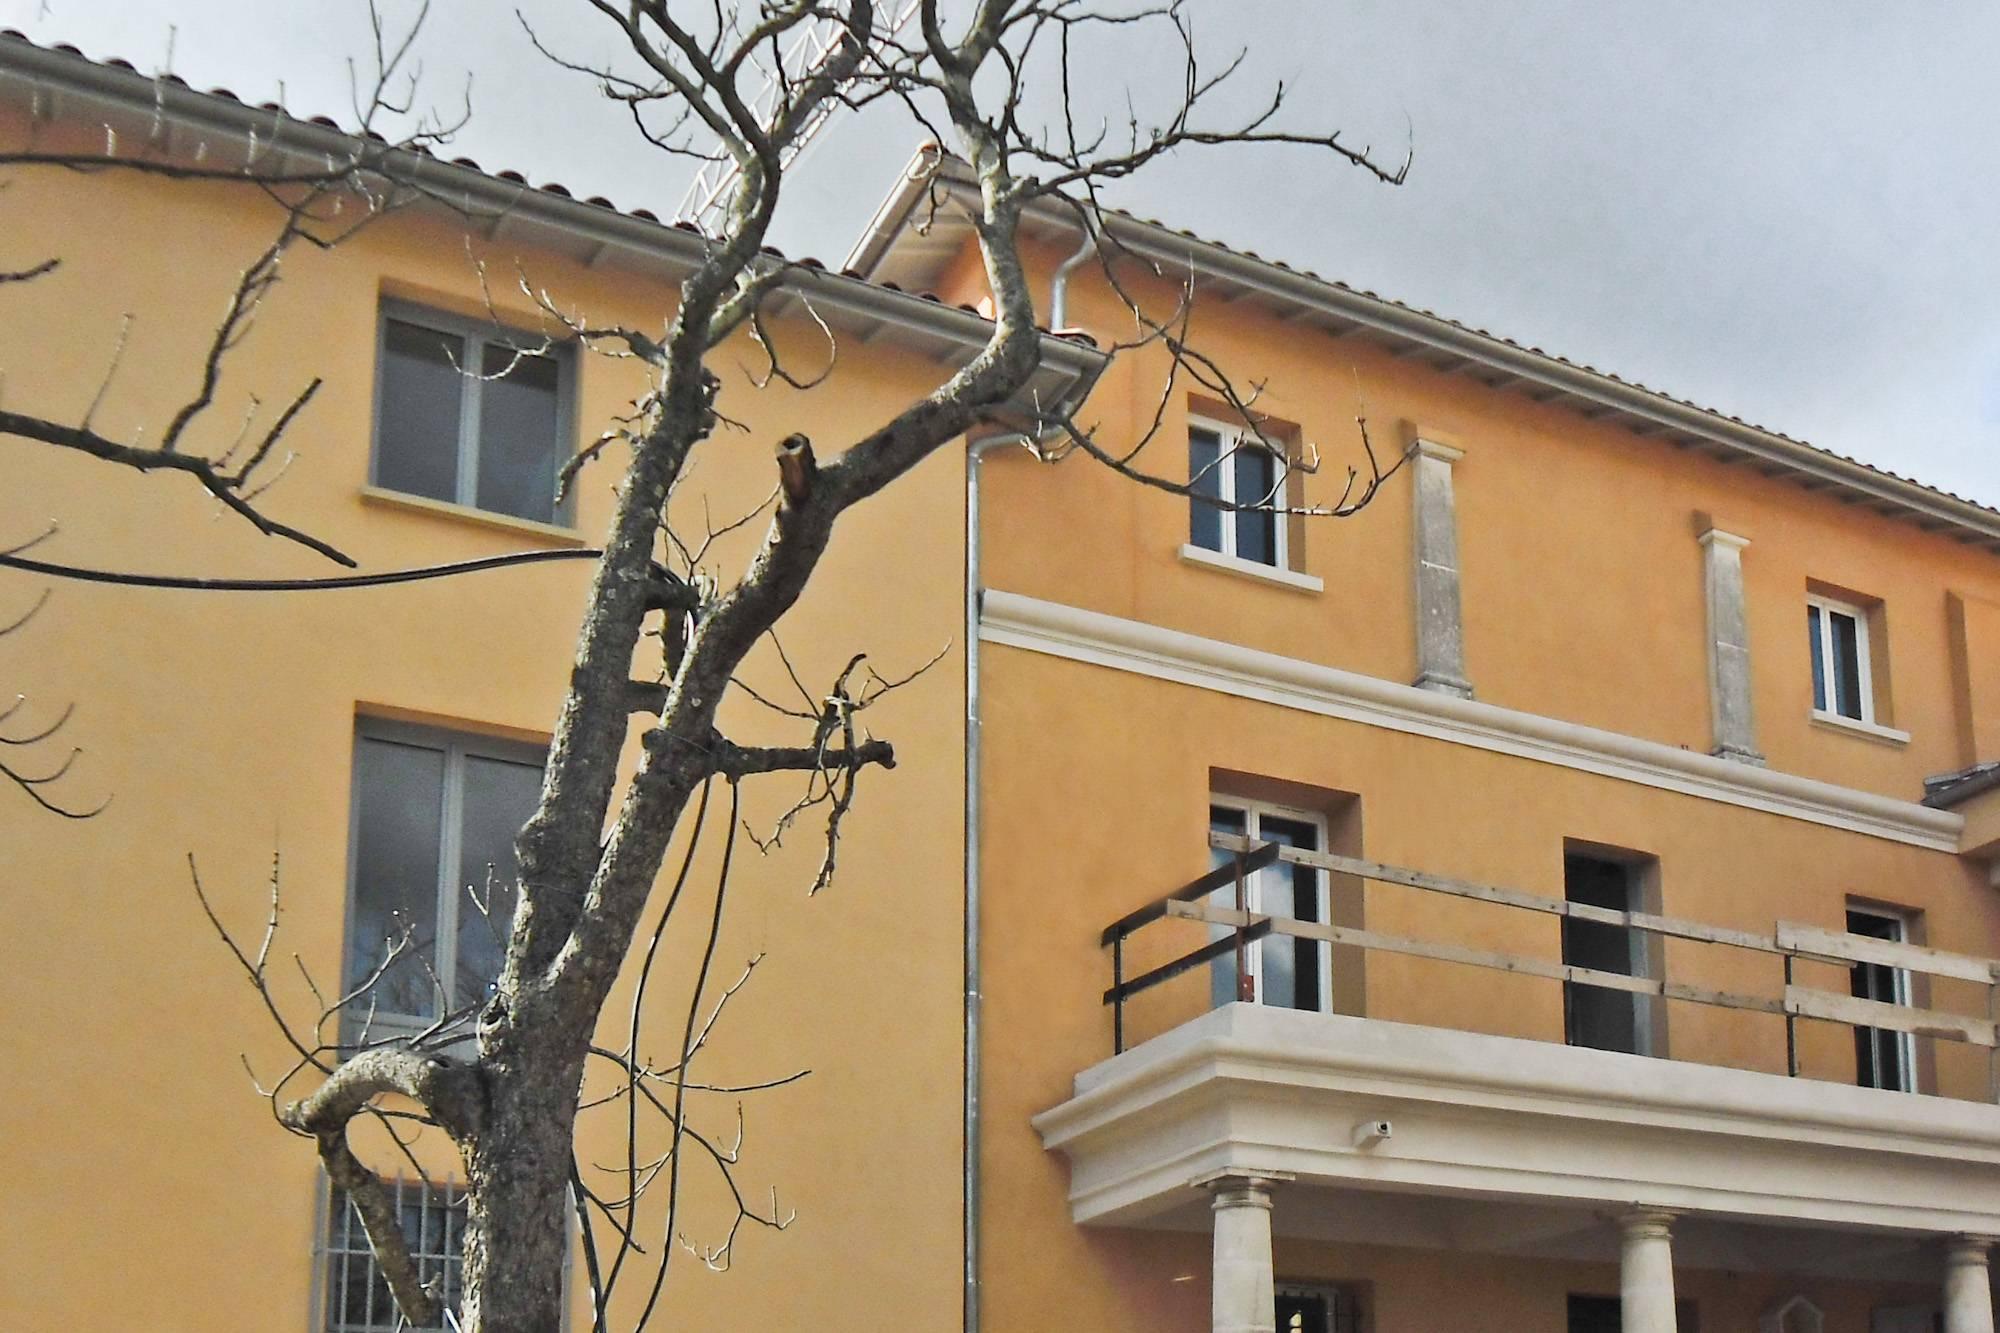 Ravalement de façades enduit chaux Marmorino du Centre Adrech à Aix-en-Provence